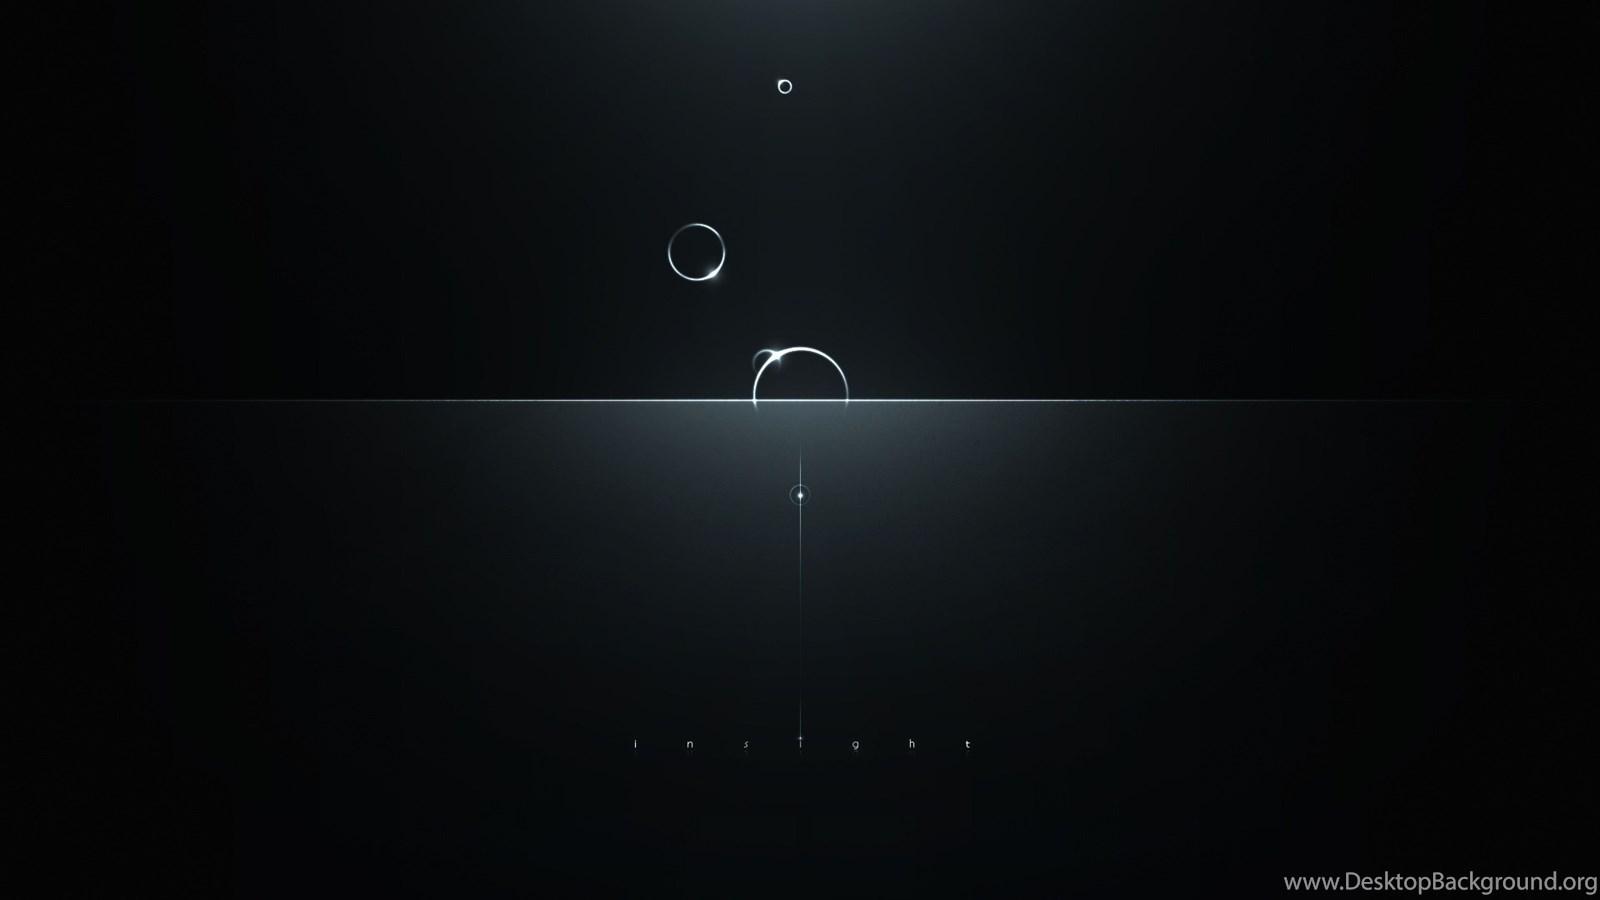 4k ultra hd minimalism wallpapers hd, desktop backgrounds 3840x2160